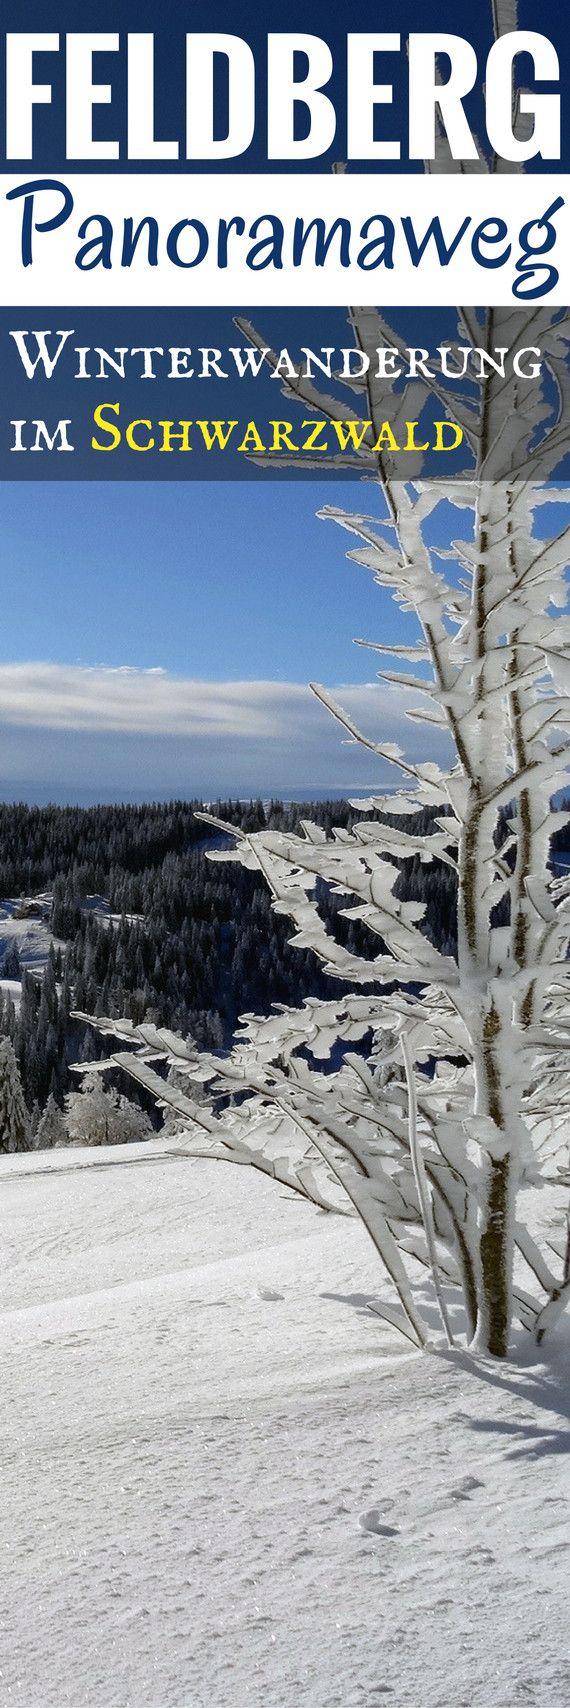 Der Feldberg-Panoramaweg – Winterwanderung im Schwarzwald – TRIP TO THE PLANET Reiseblog